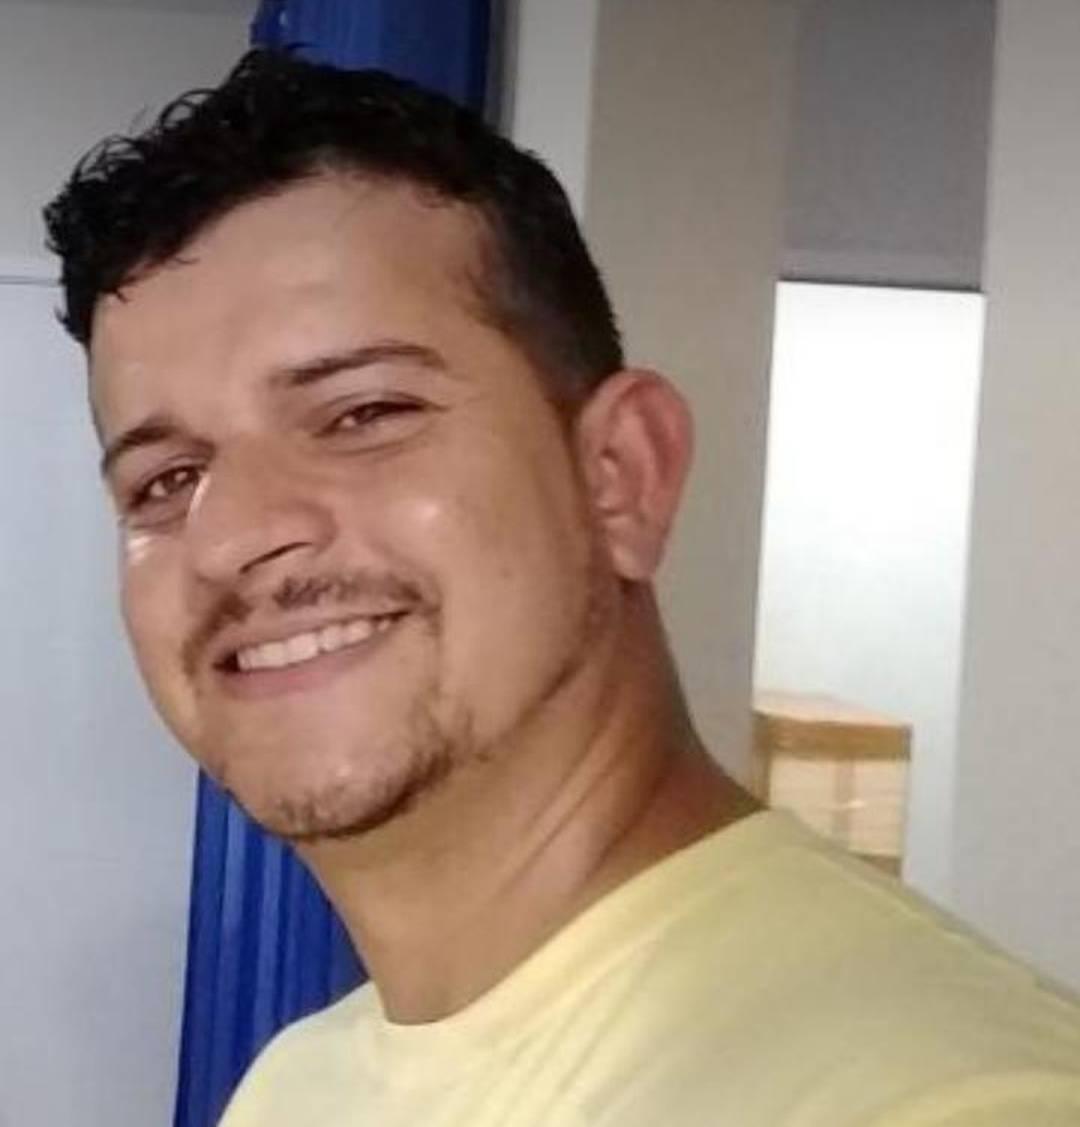 Daniel Muniz Veloso trabalhava em uma empresa terceirizada e está desaparecido